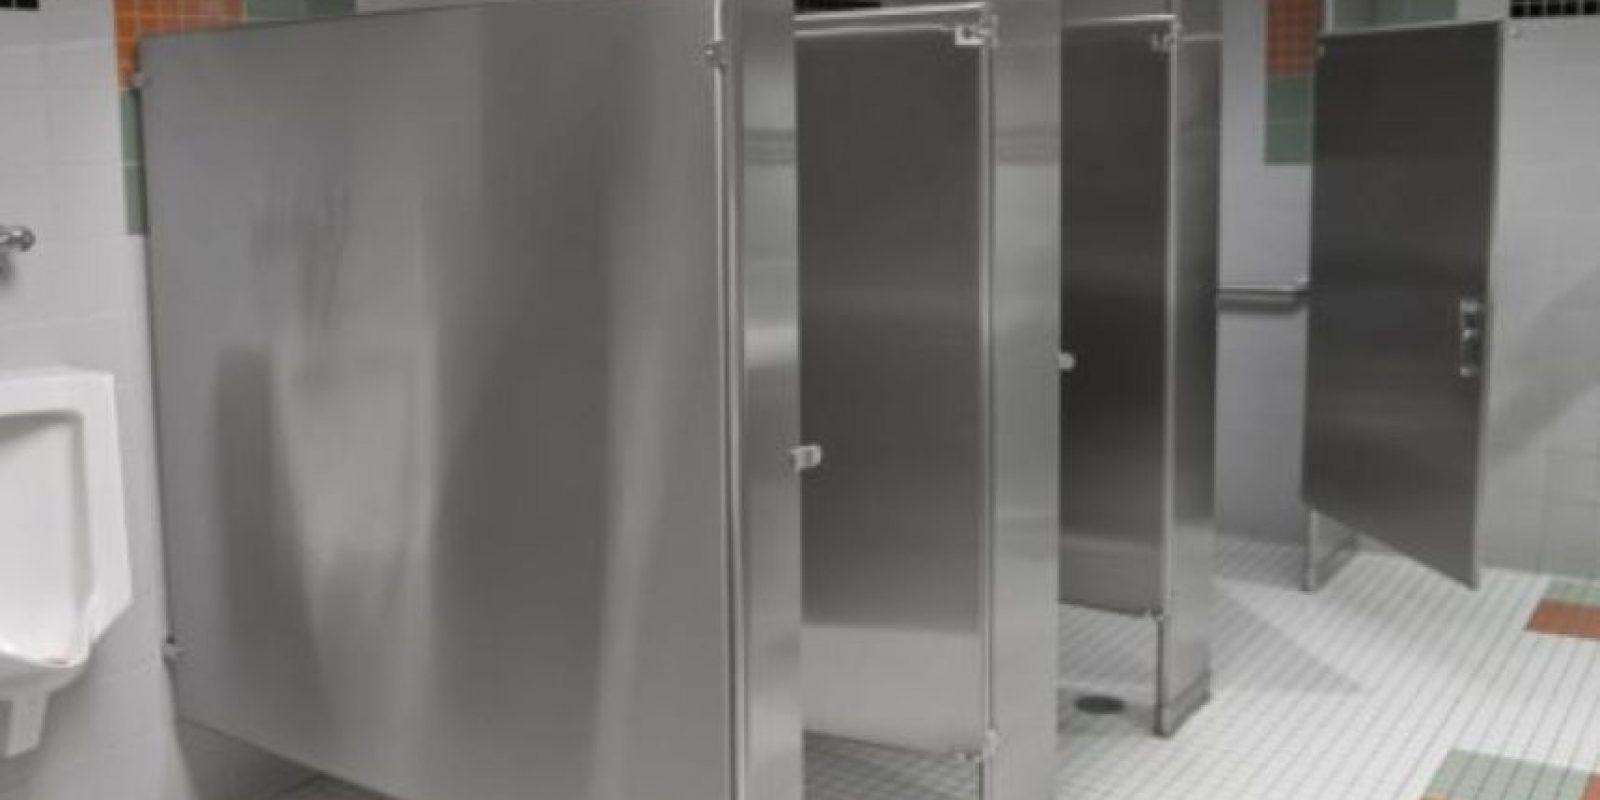 Estarán en contacto con los genitales de otras personas si van a baños públicos Foto:vía Getty Images